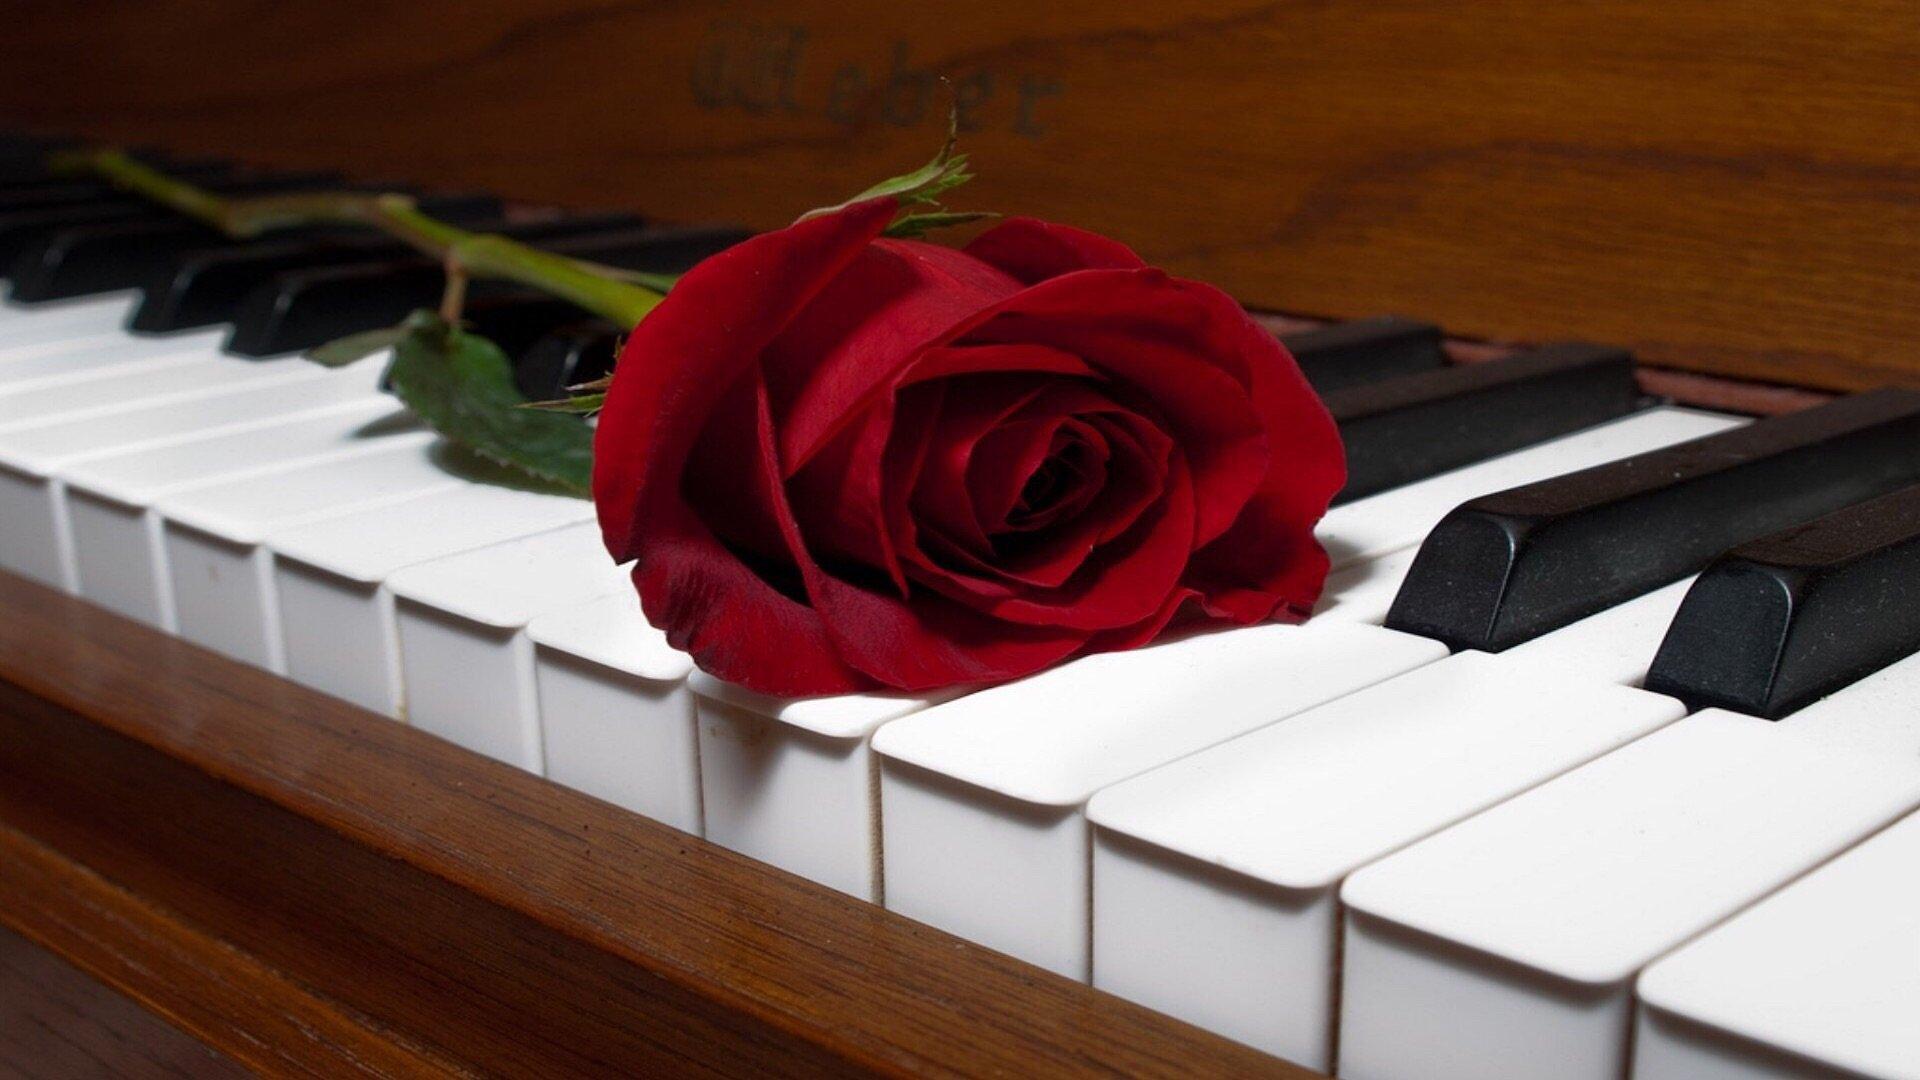 зевак отсекала картинка розы и клавиши самый хороший